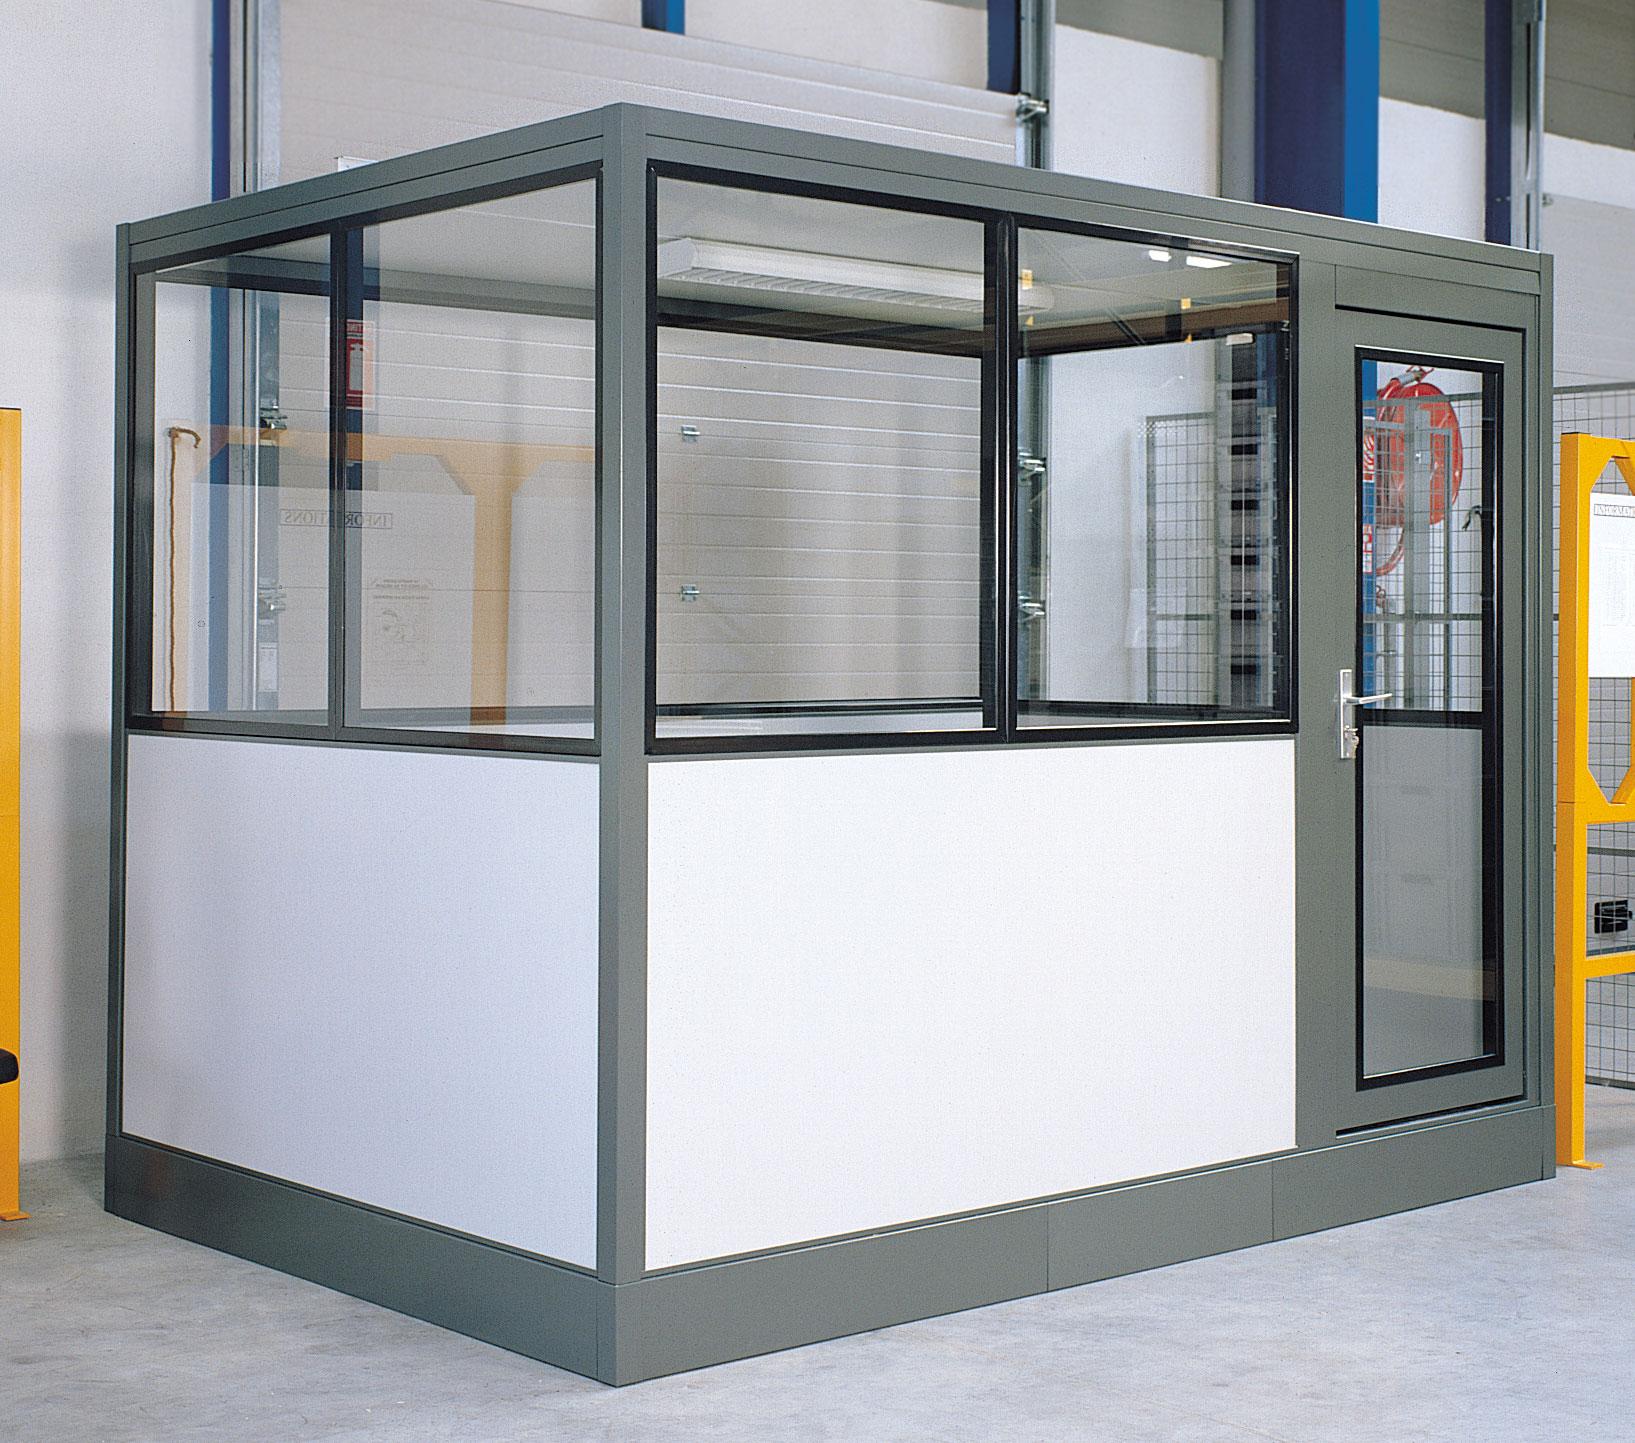 Cabine bureau industriel 6x3 mètres